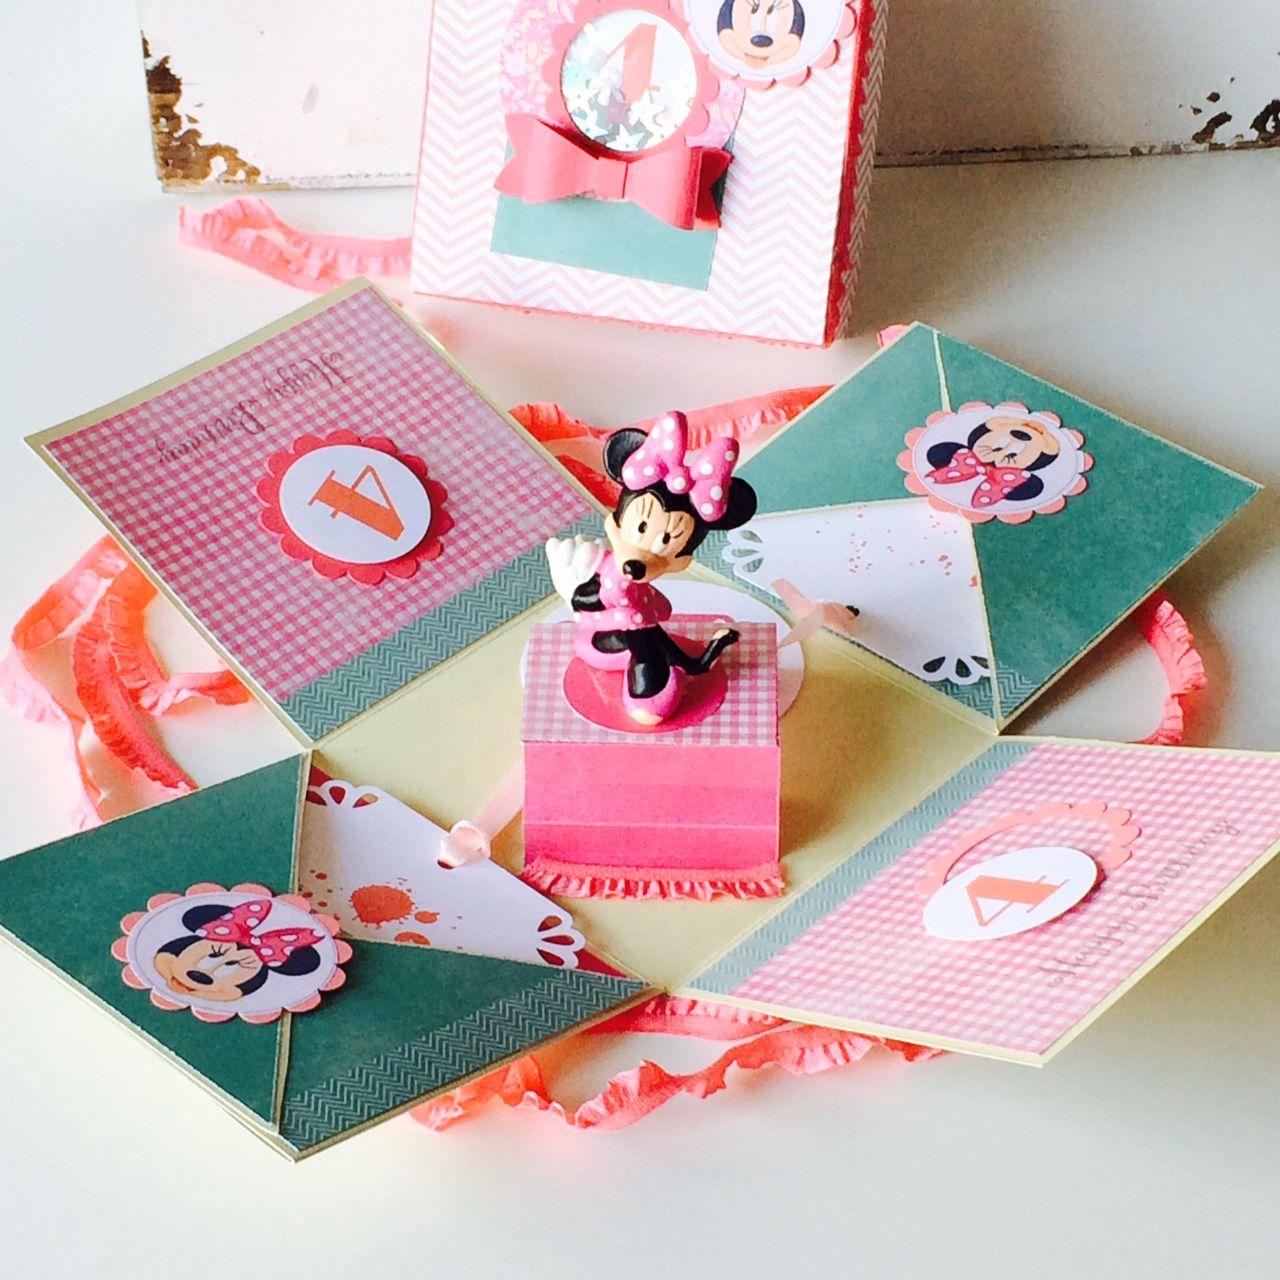 Minnie Mouse Explosionsbox mit Schüttelfenster, Minnie Mouse, origienelle Glückwunscharte zum Kindergeburtstag, Sandra Kolb, www.samey-atelierfarbstil.blogspot.de